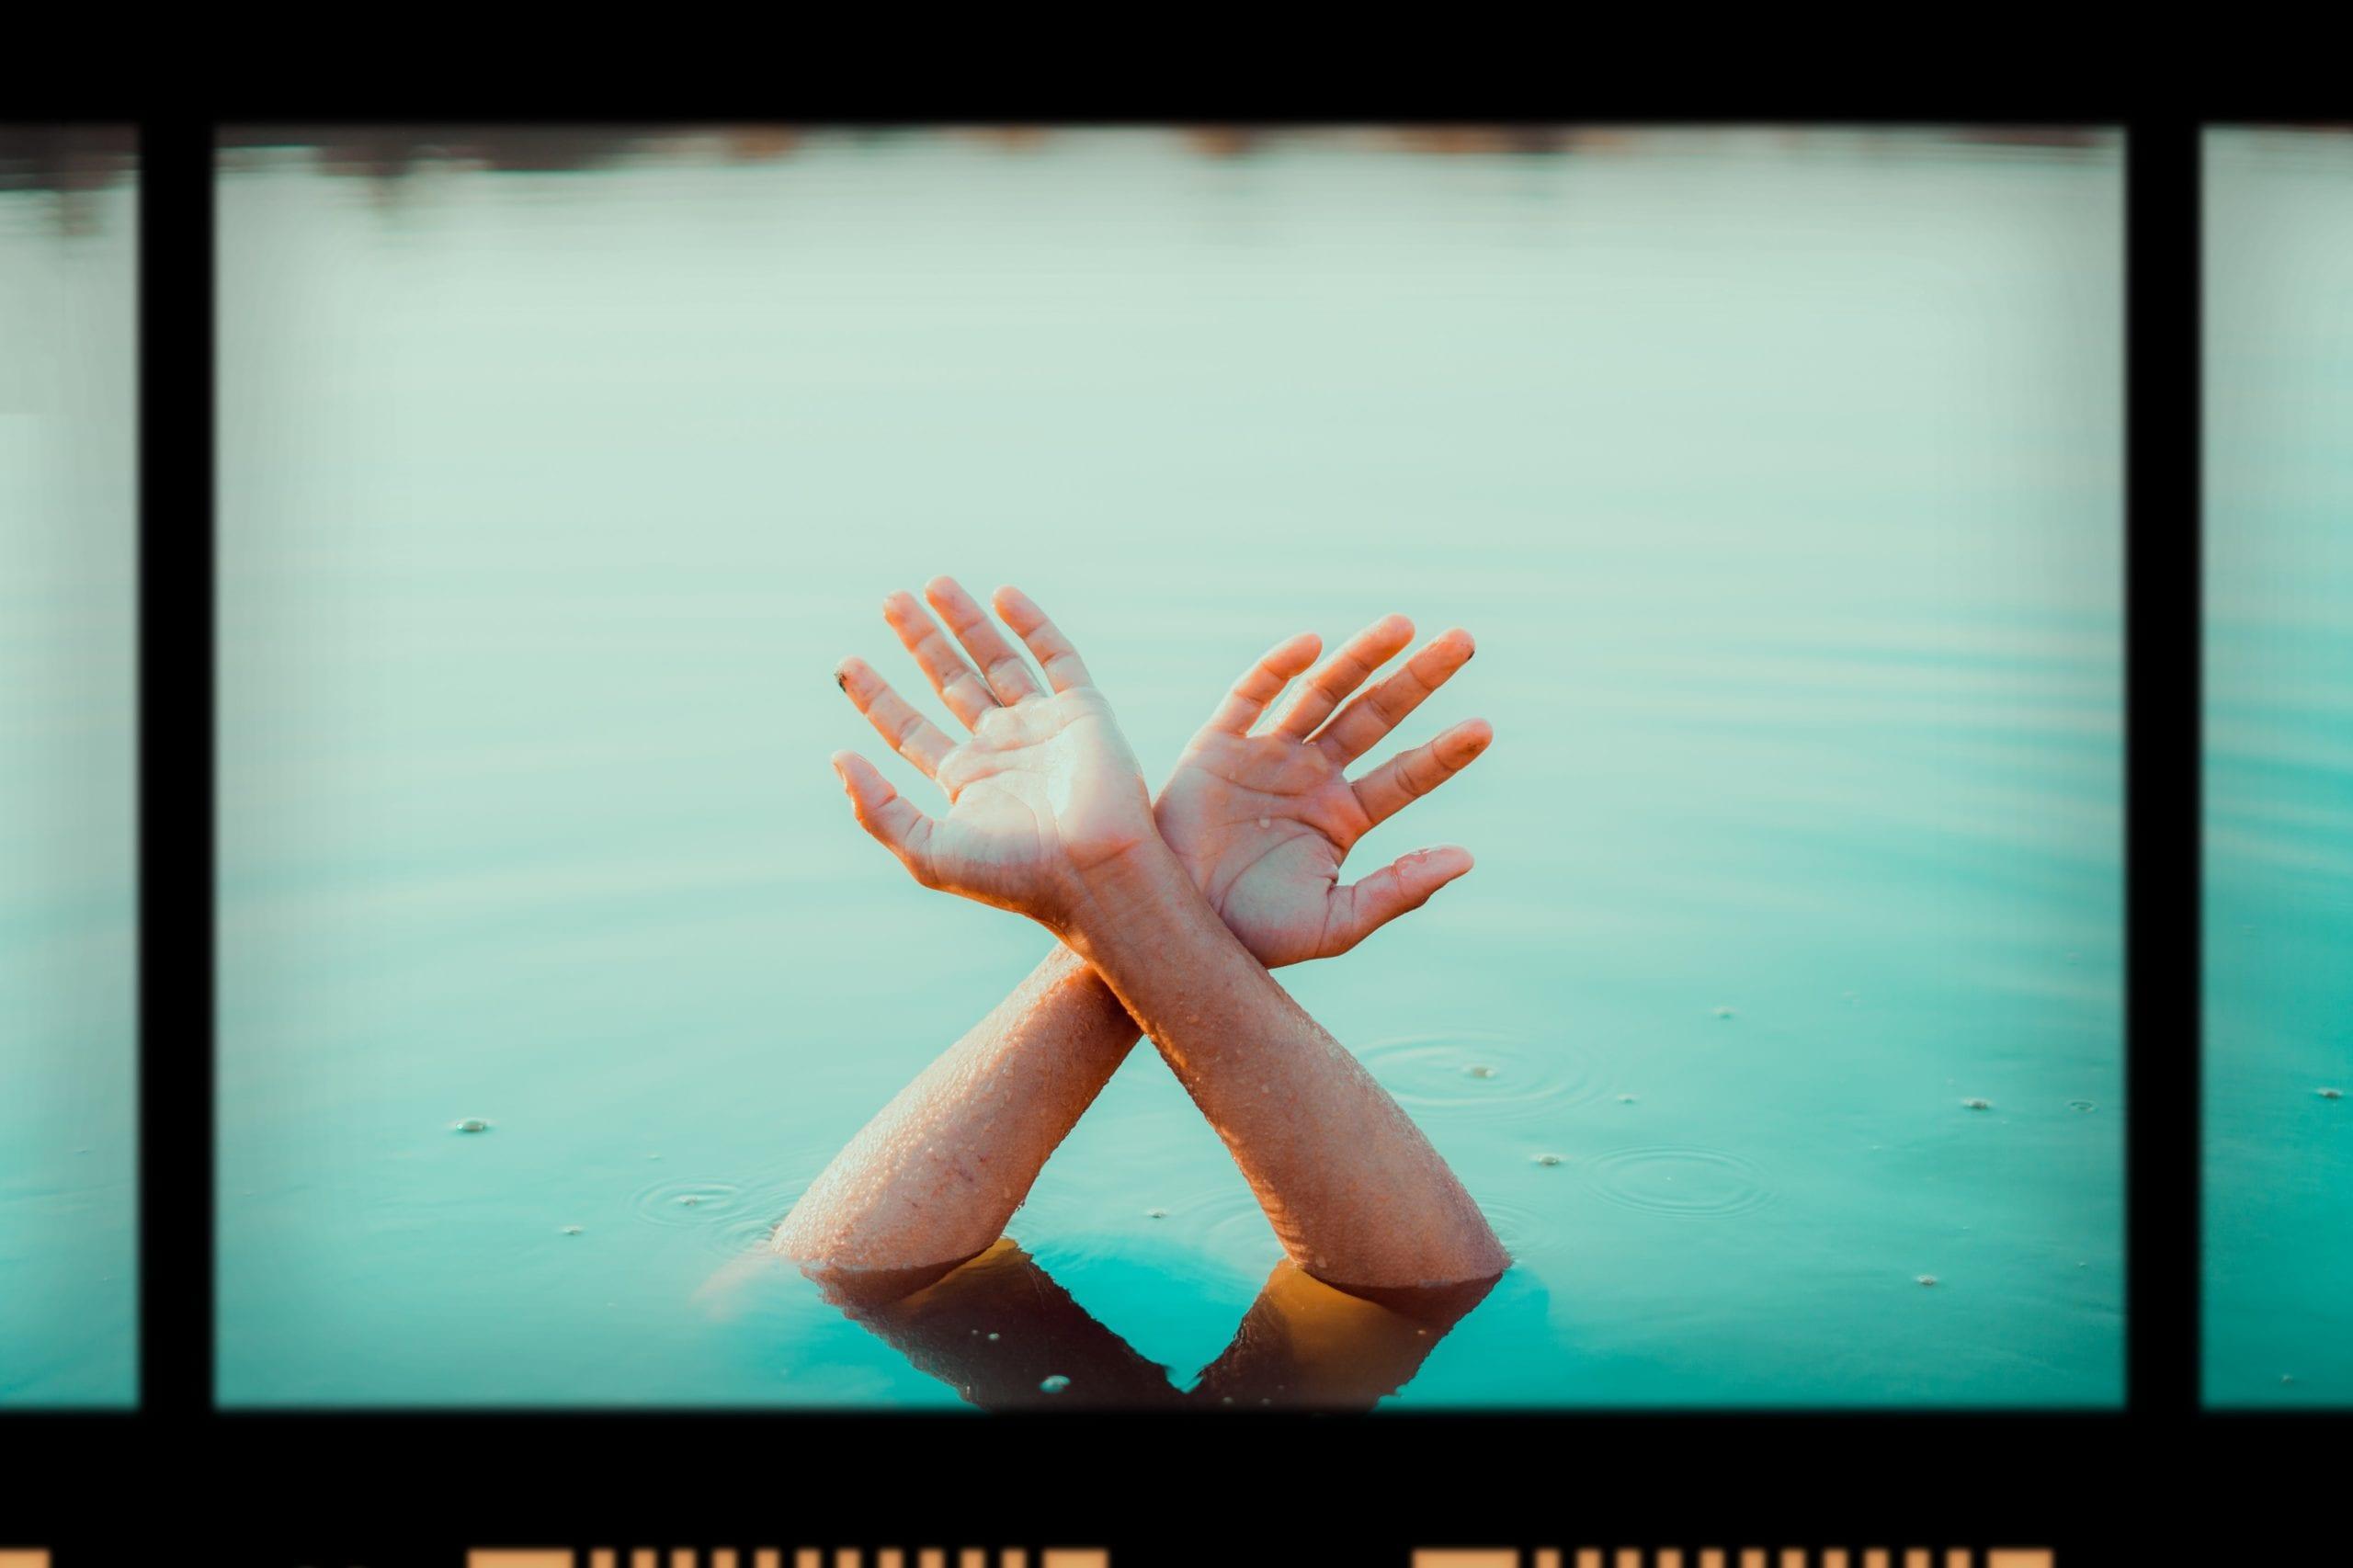 Mensch in milchigem Poolwasser streckt Hände nach oben